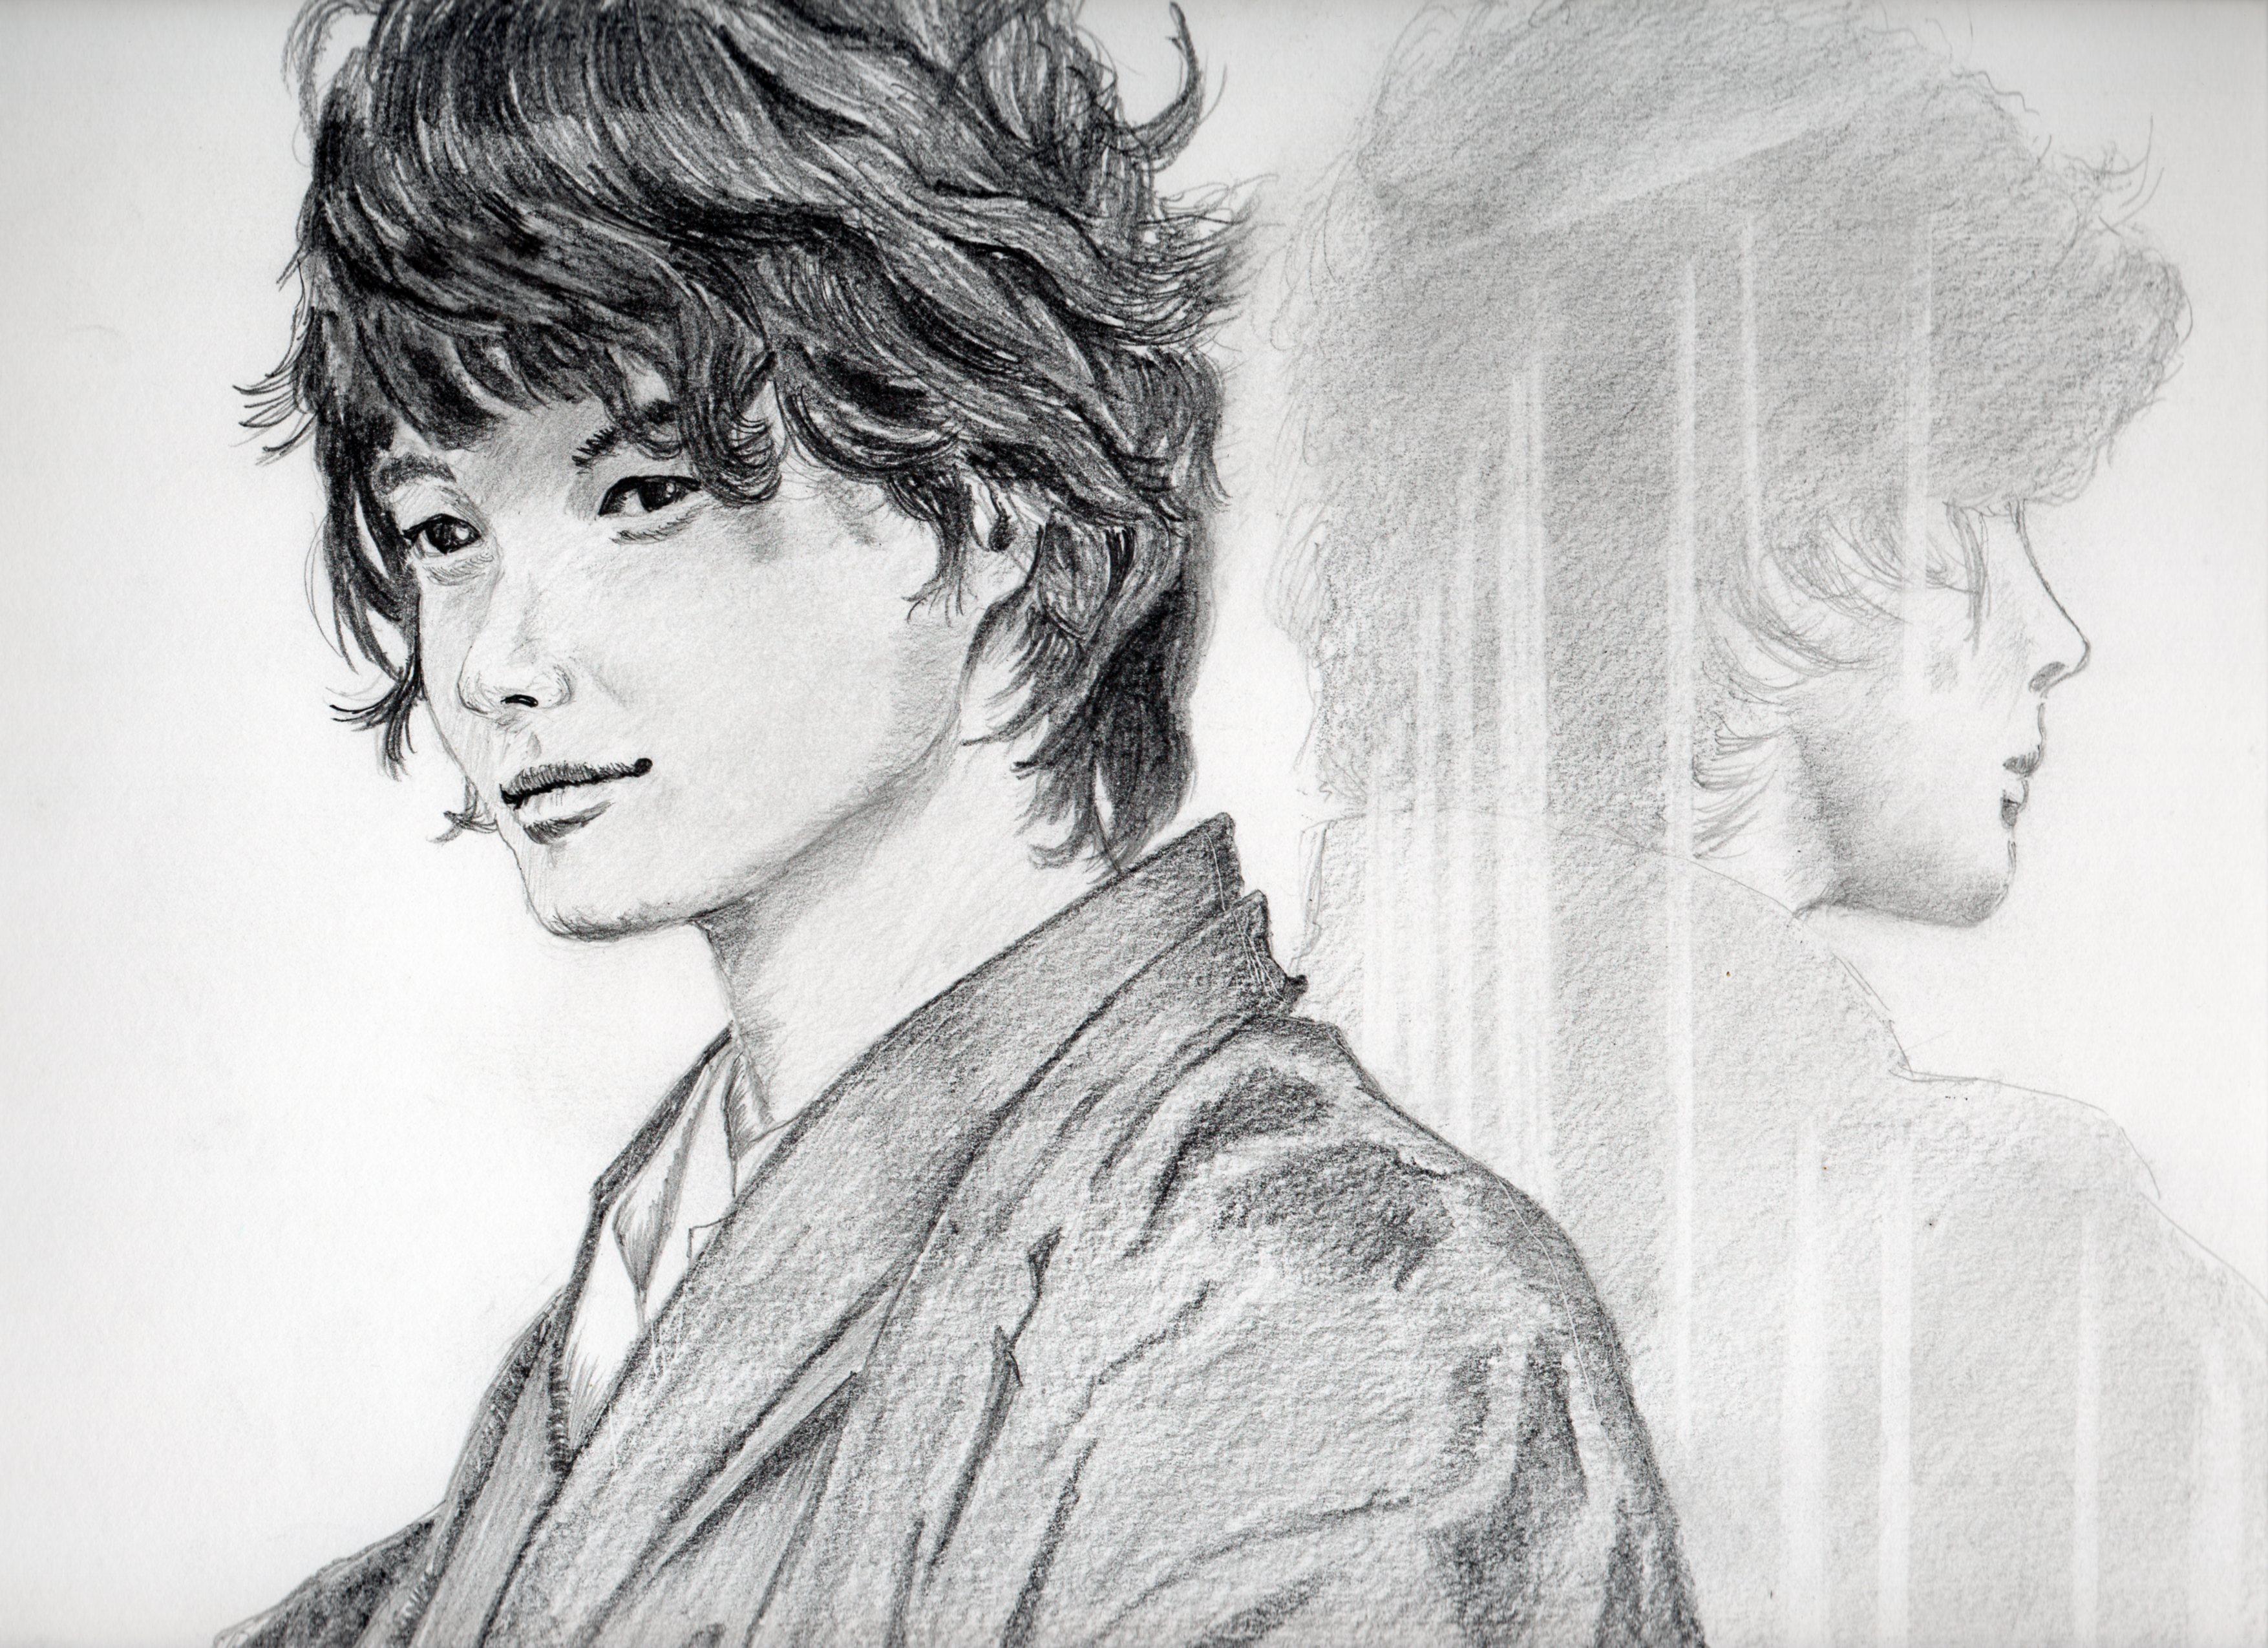 神木隆之介さんの鉛筆画似顔絵、神木隆之介さんのリアル鉛筆画